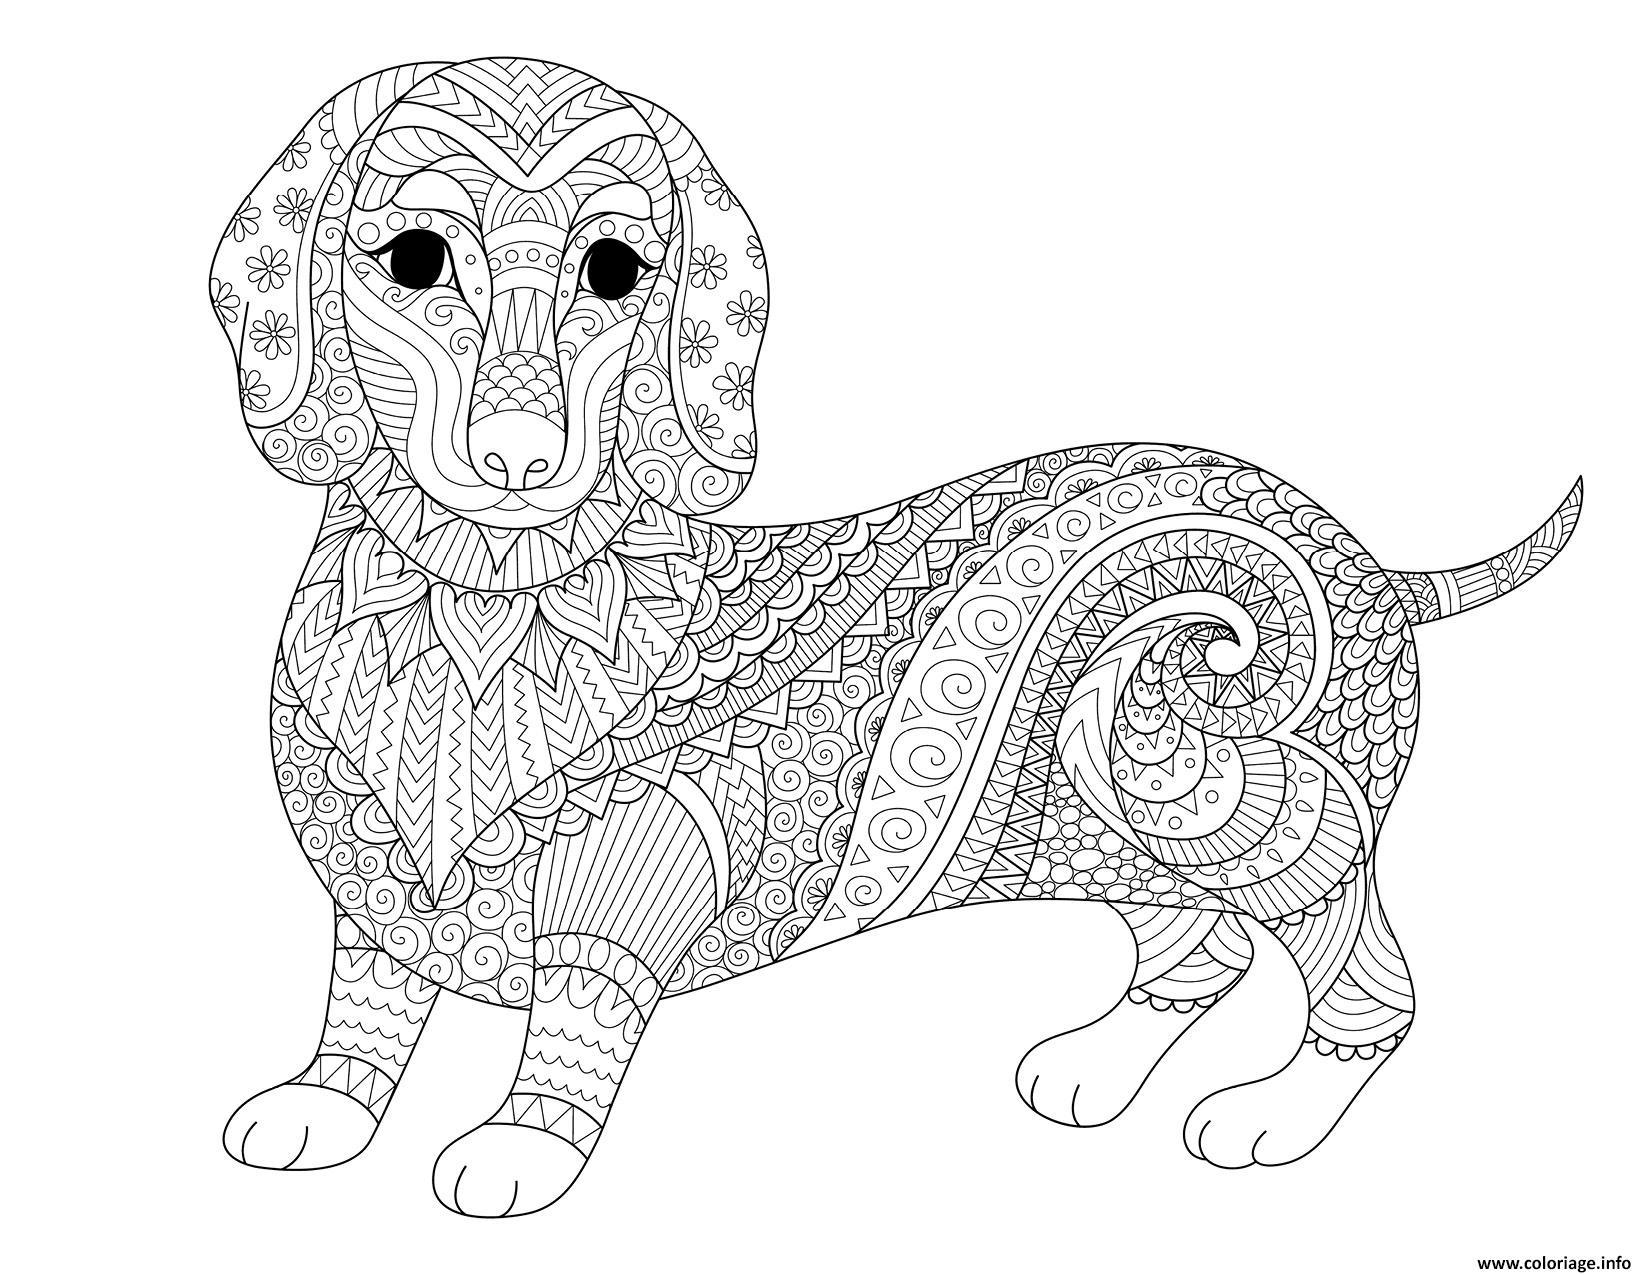 Coloriage De Chien Labrador.Meilleur De Dessin A Colorier De Chien Labrador Mademoiselleosaki Com